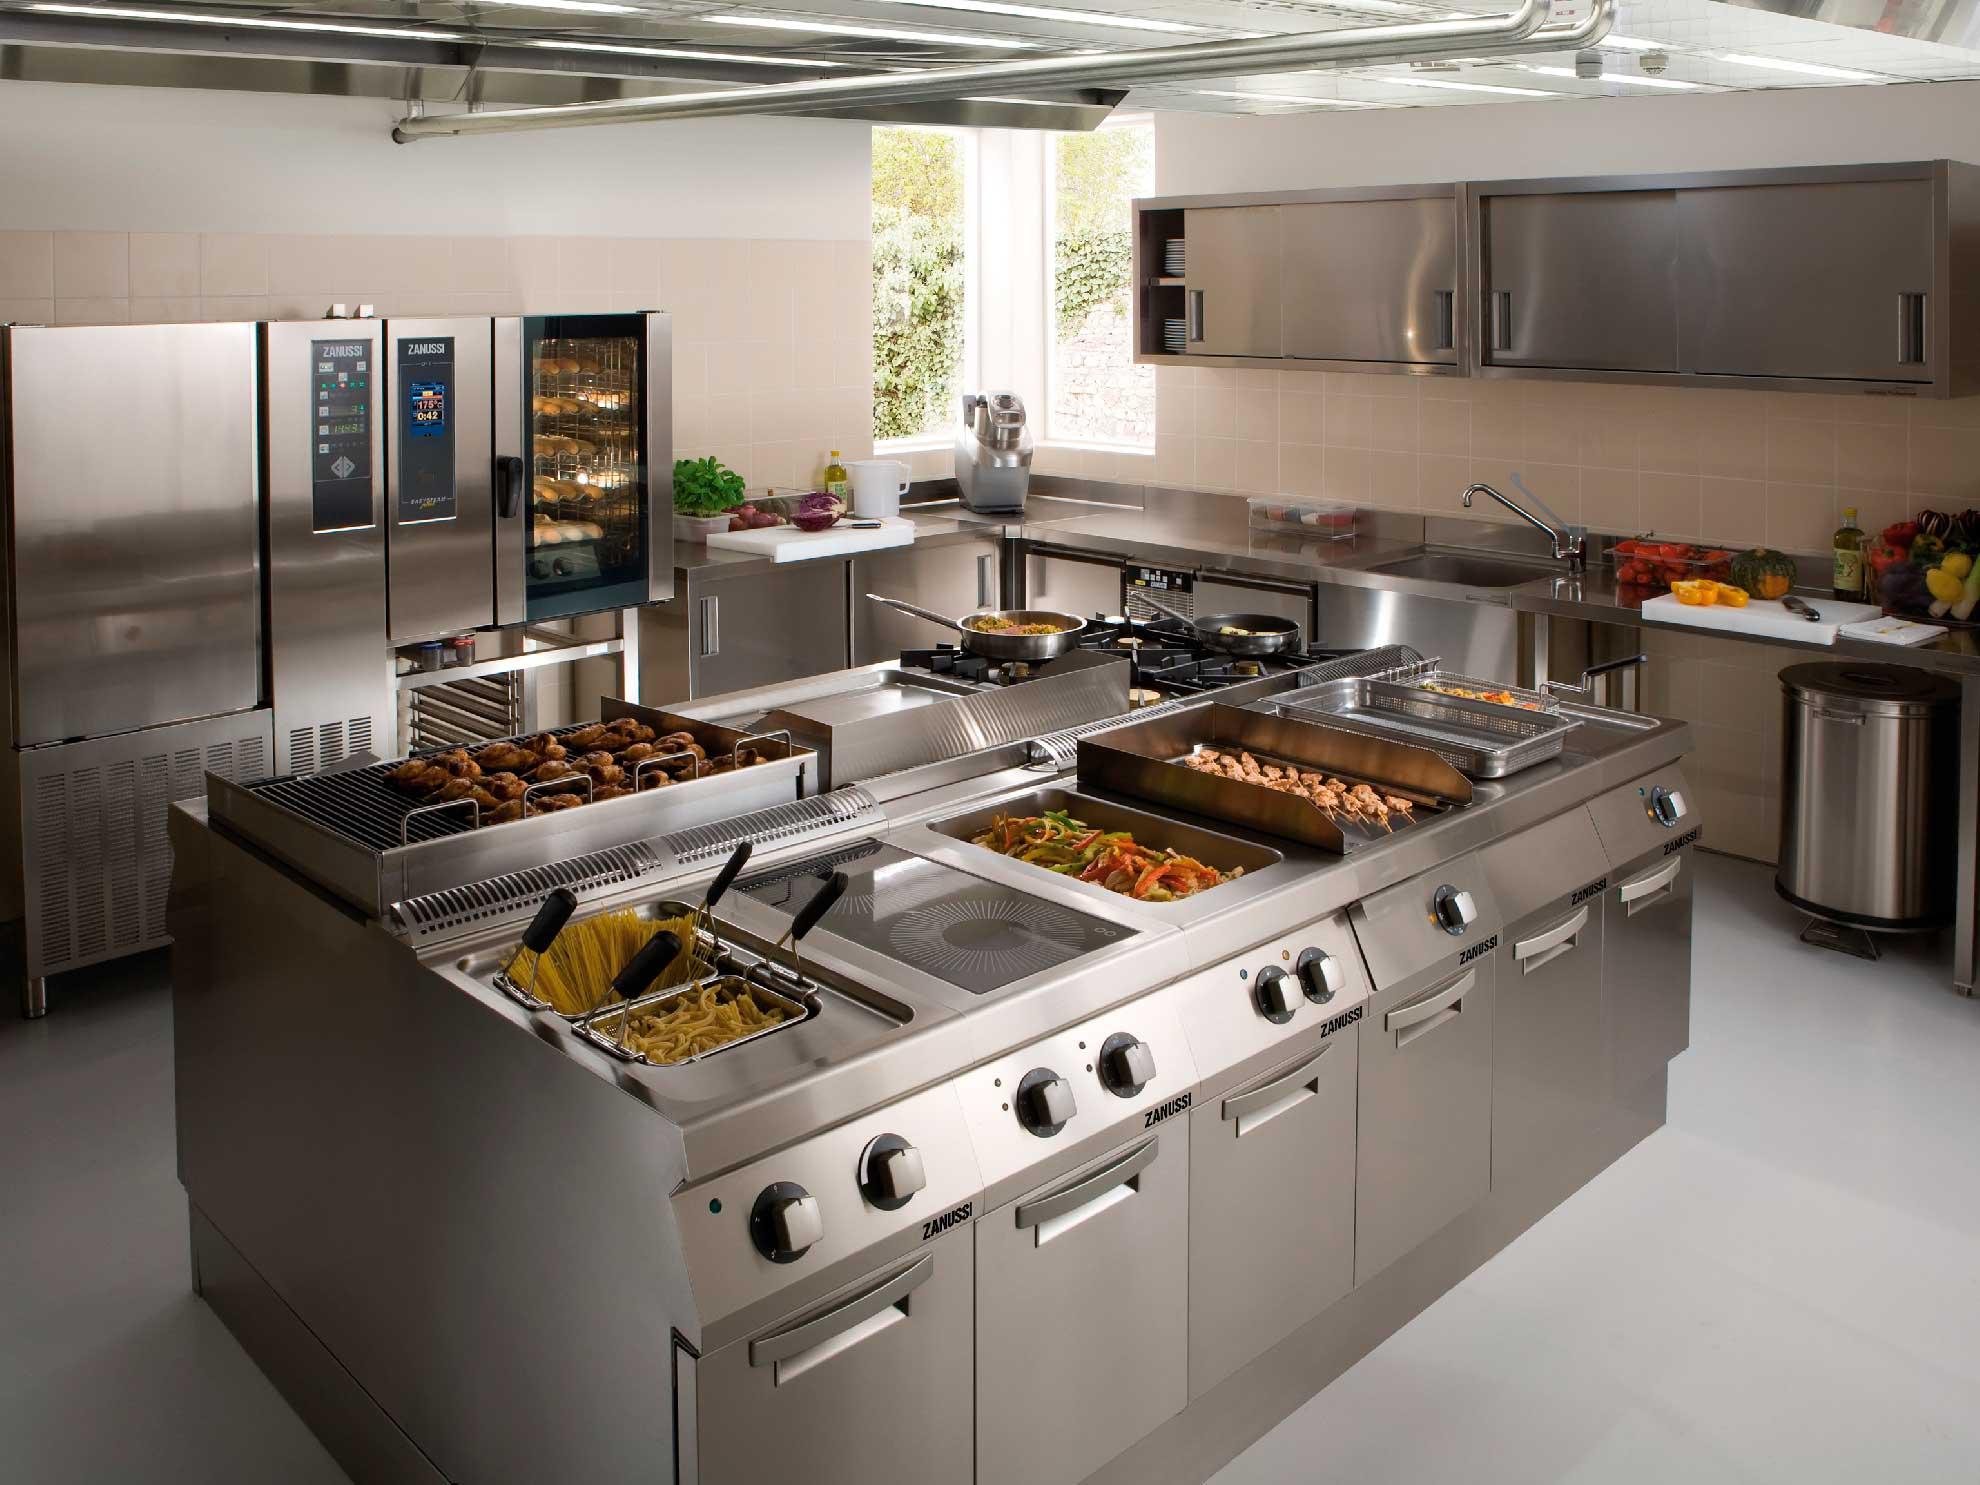 Qu tener en cuenta al limpiar una cocina industrial for Medidas de cocina industrial